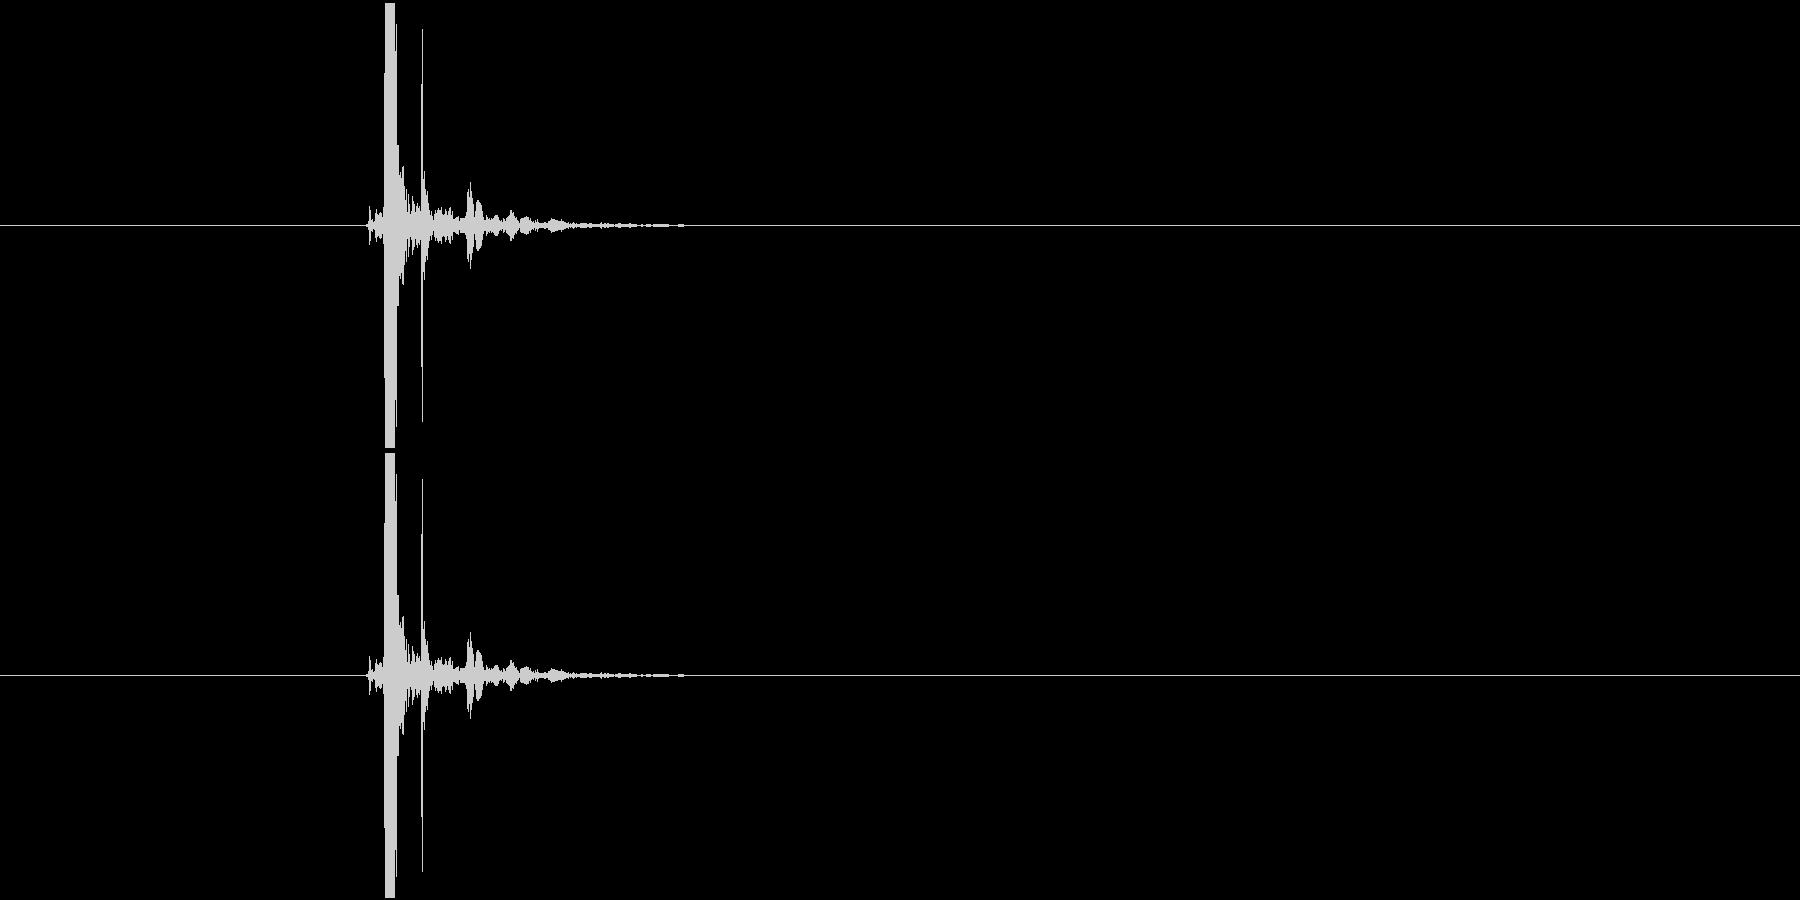 ボールペンのボタンを戻す音(タッ)の未再生の波形